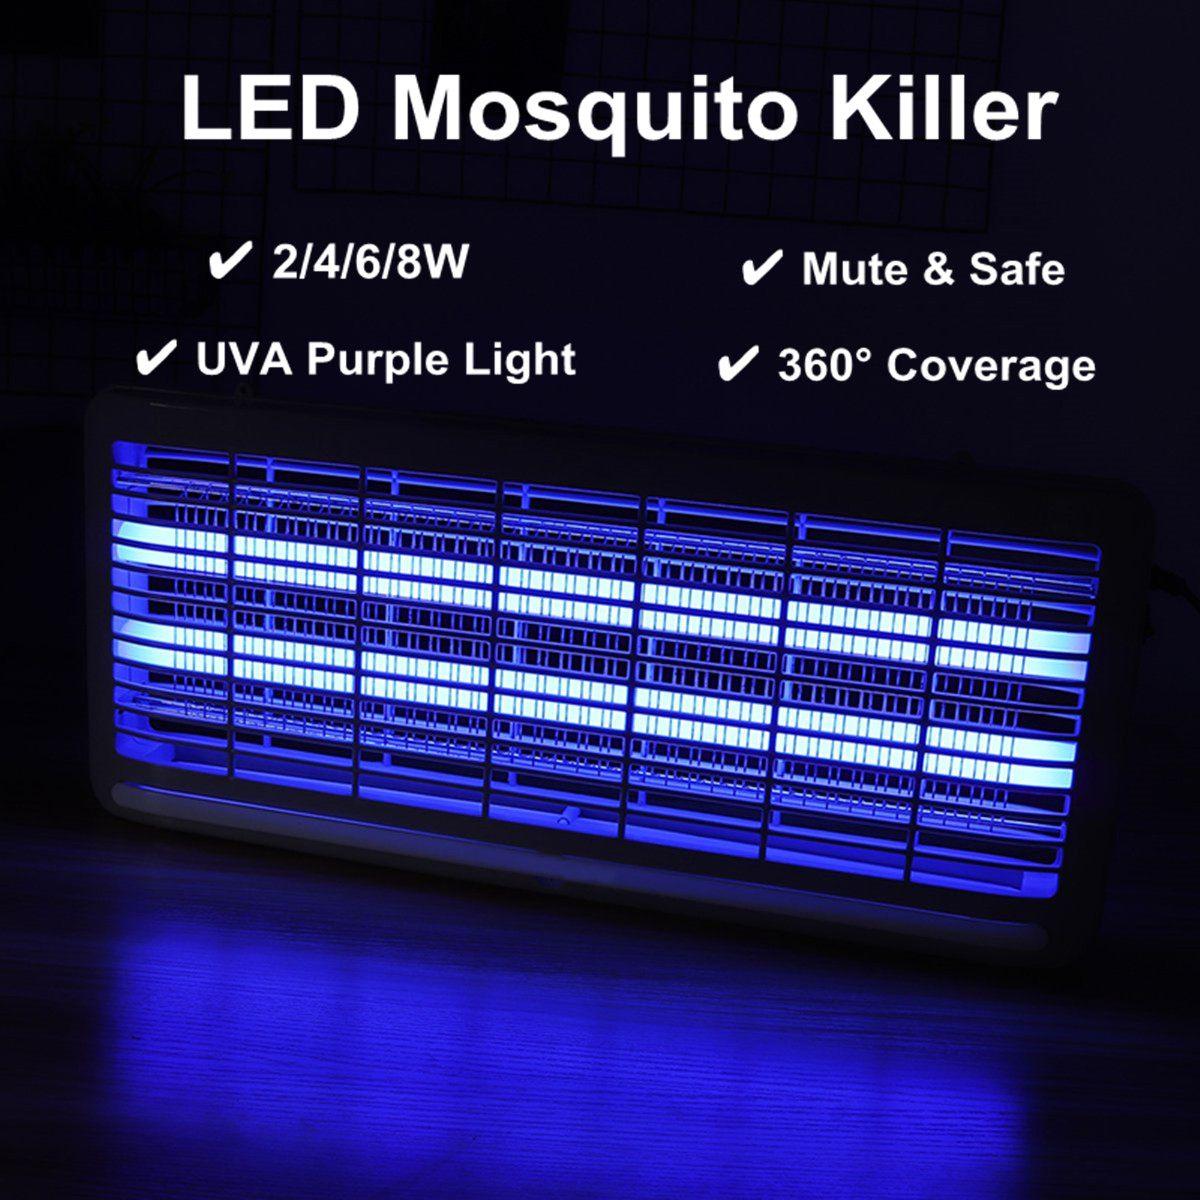 Комнатное электрическое средство для уничтожения насекомых, светодиодная лампа, электронный отпугиватель комаров, ловушка для насекомых и...